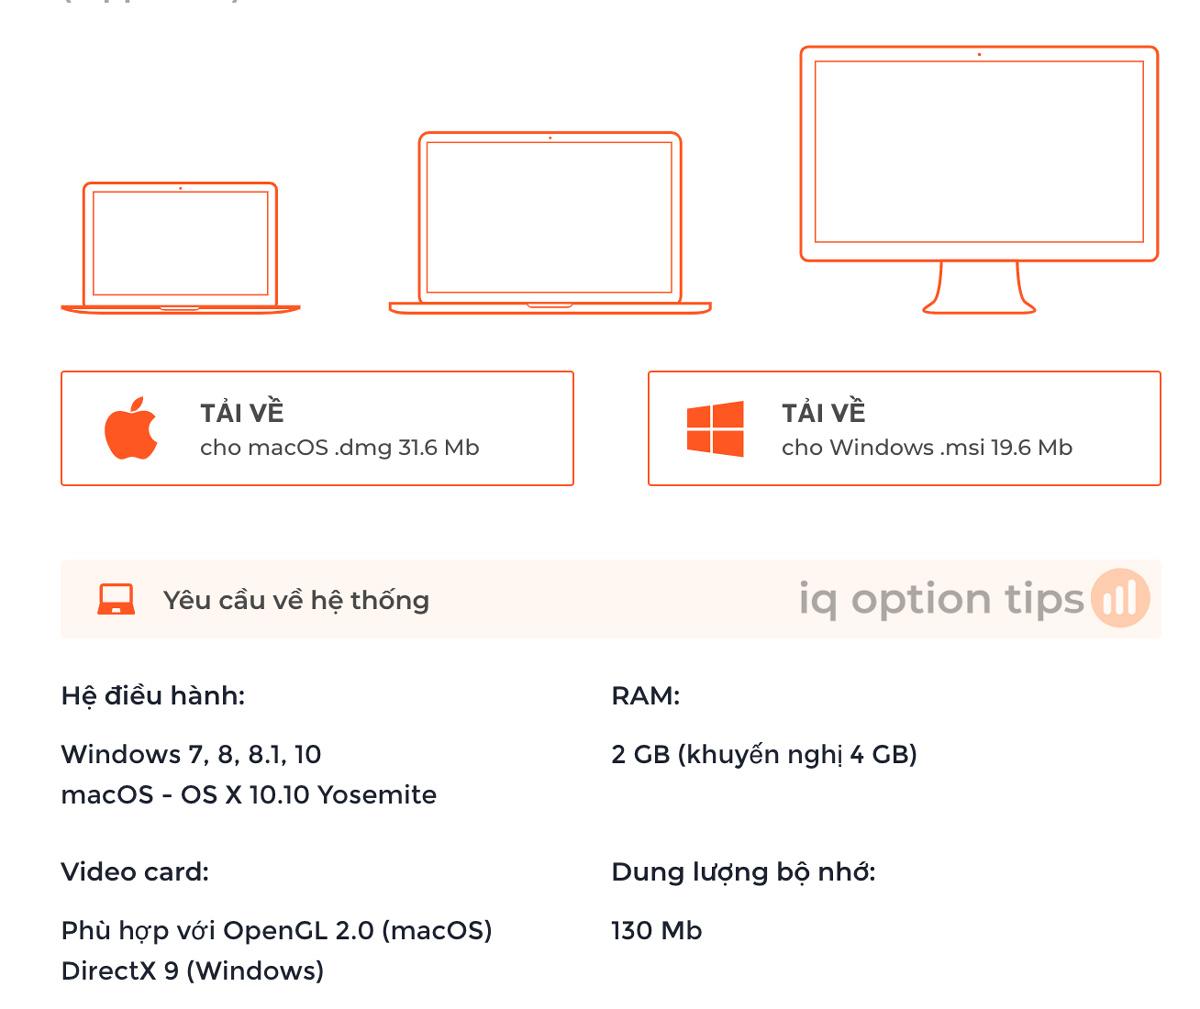 hướng dẫn tải, cài đặt ứng dụng iq option cho macbook, laptop